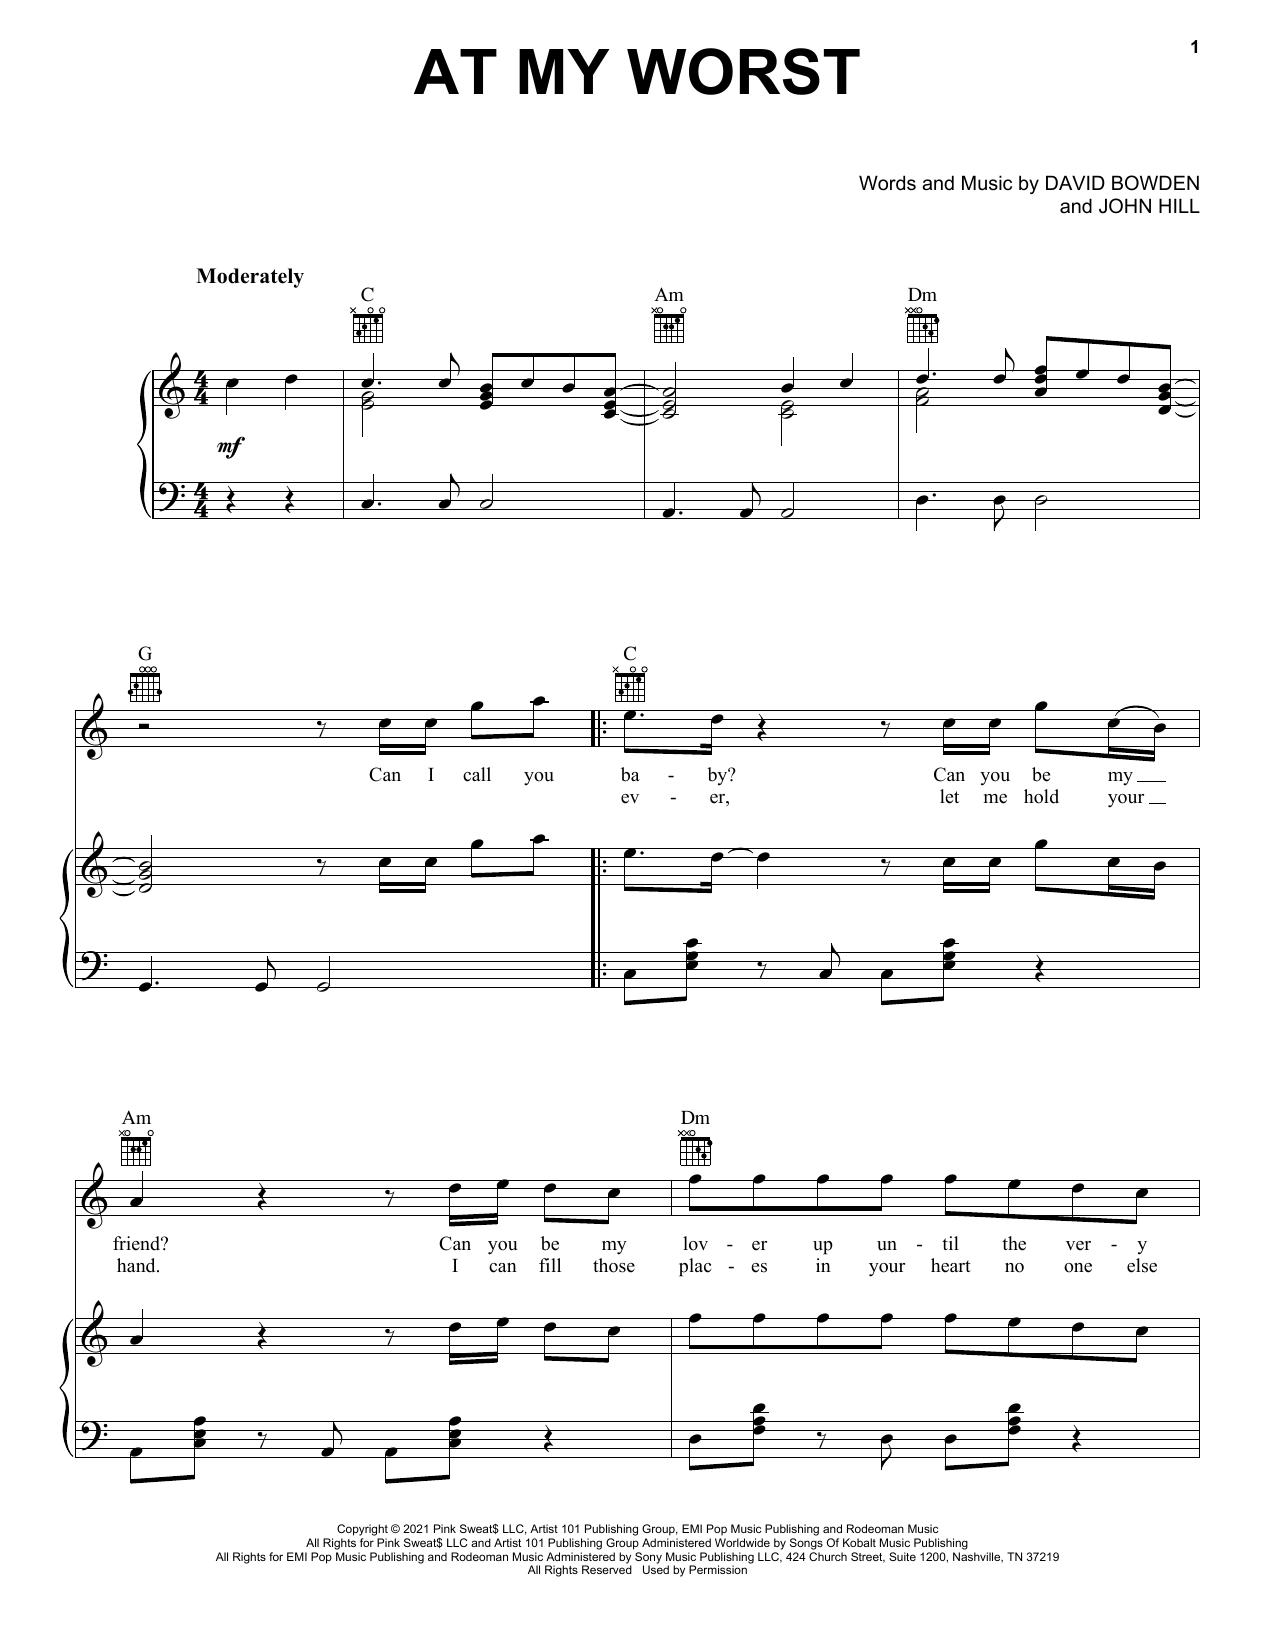 Pink Sweat$ At My Worst sheet music notes printable PDF score